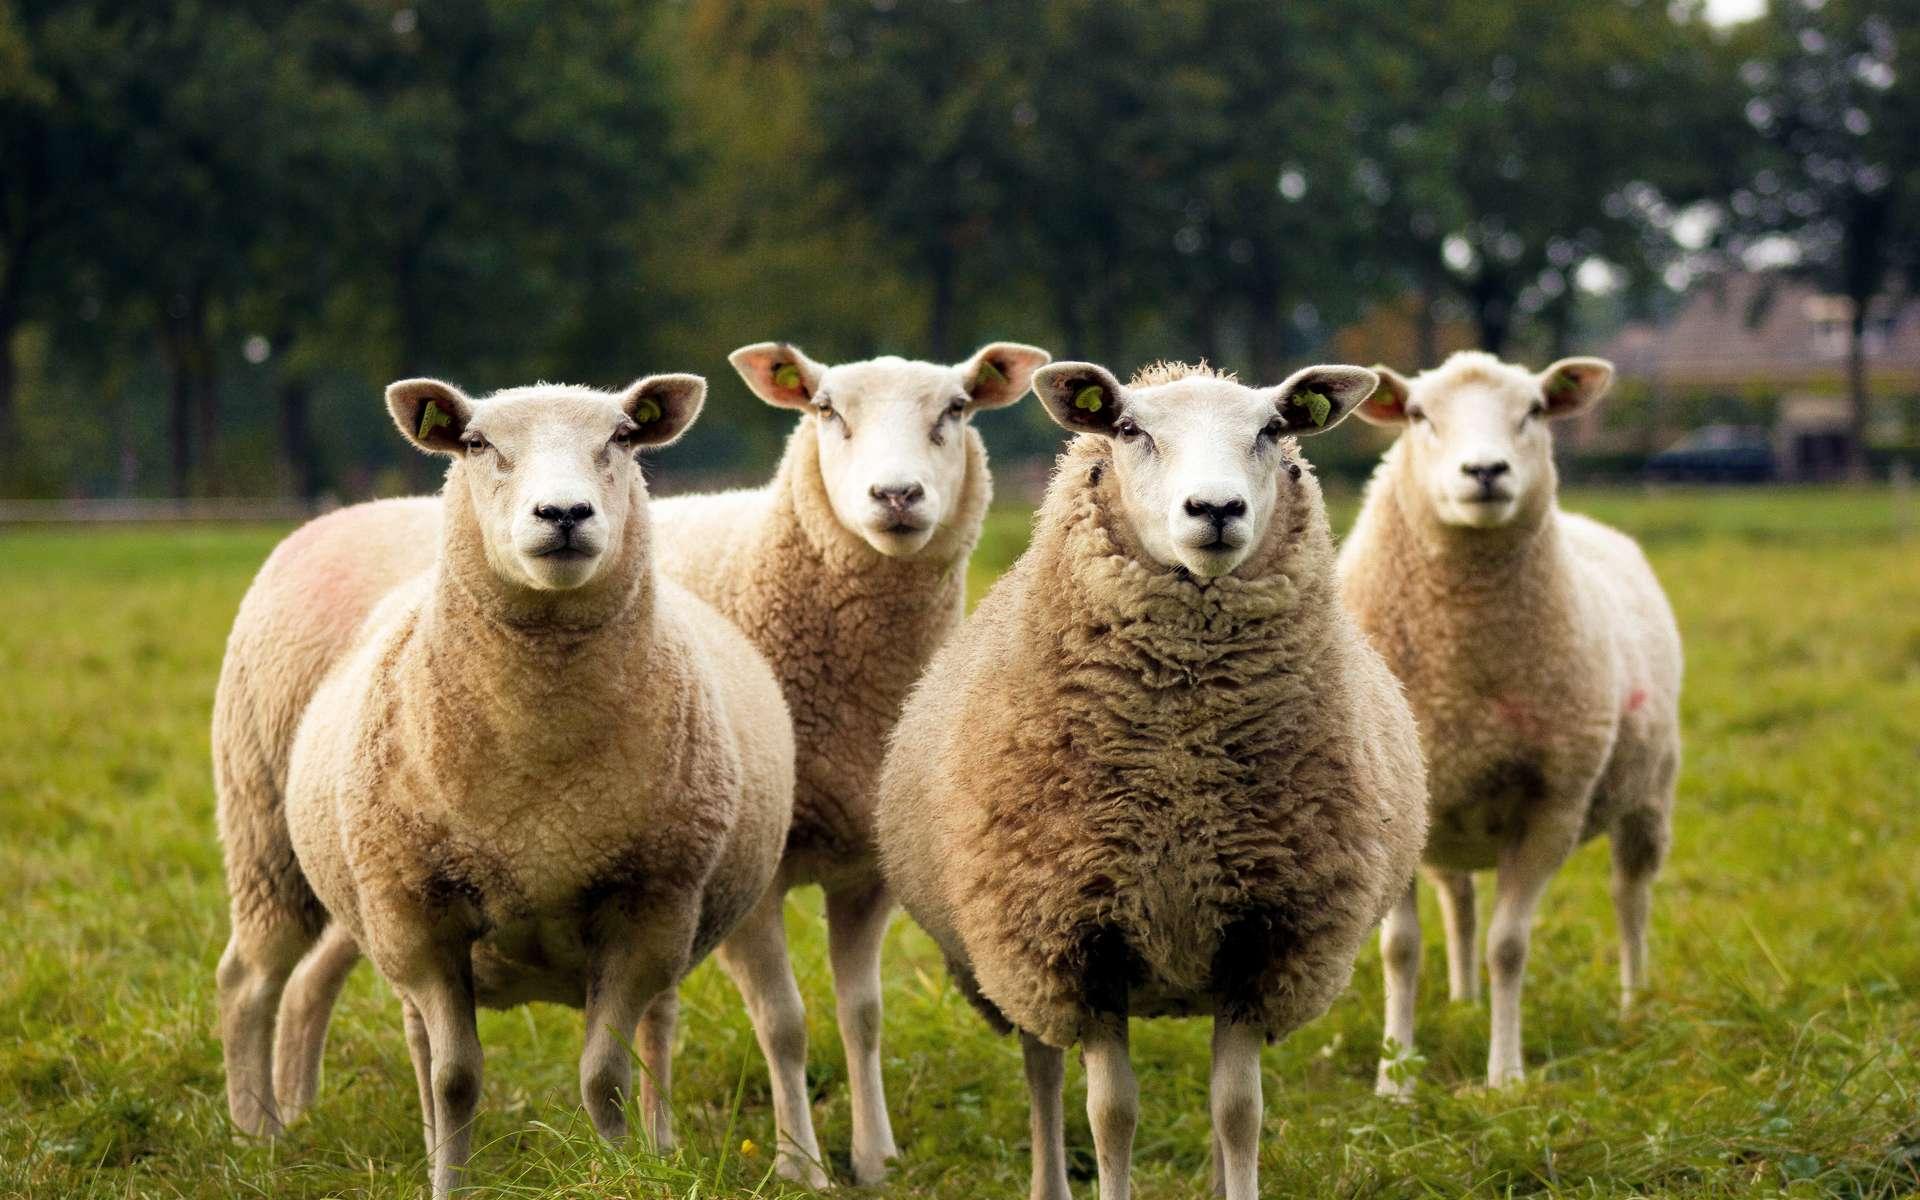 Les ovins émettent jusqu'à 8 kg de méthane par an. © Judith Prins-Unsplash